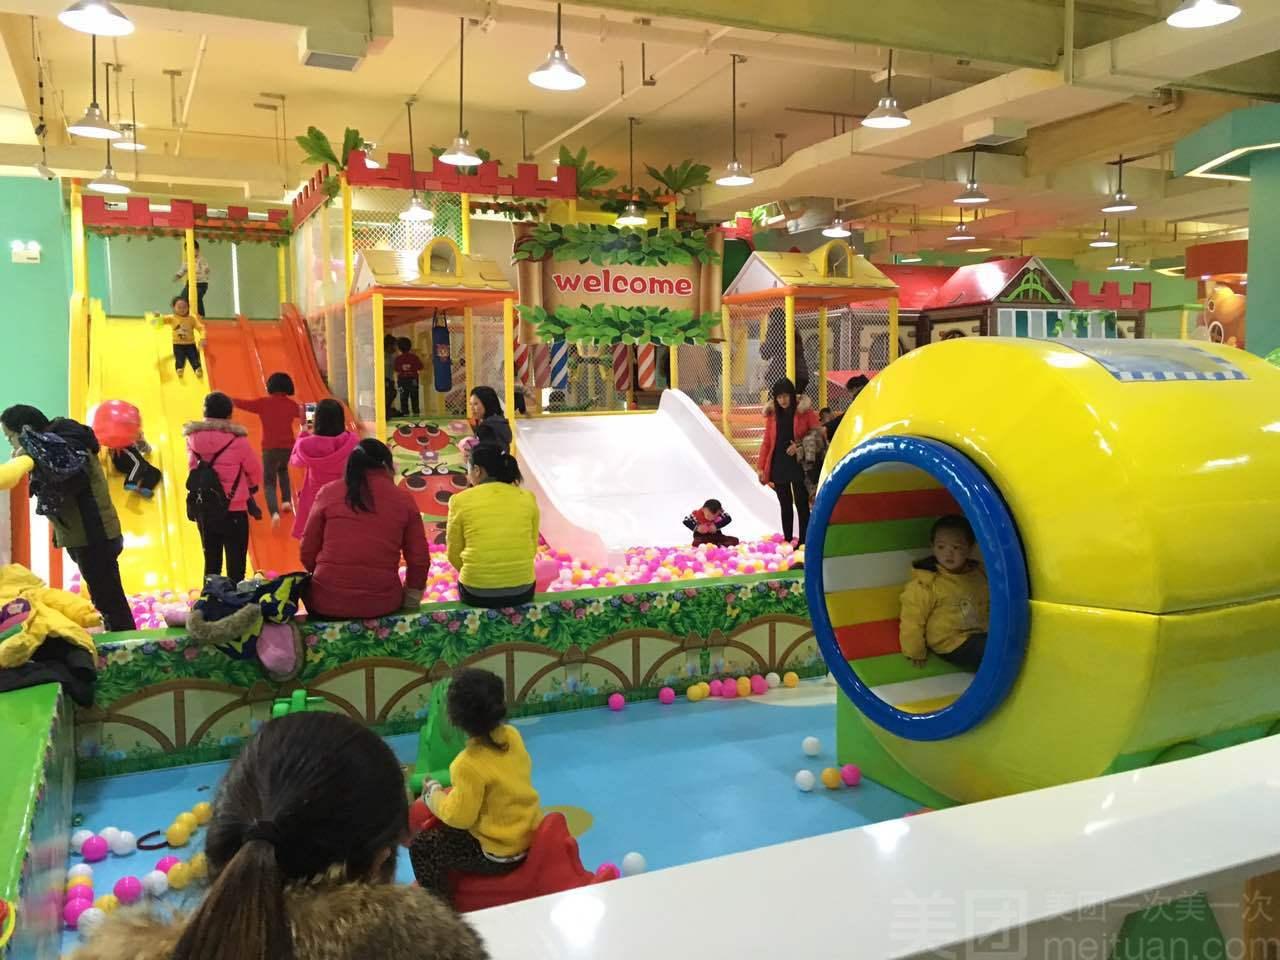 :长沙今日钱柜娱乐官网:【孩子岛儿童乐园】欧洲小镇淘气堡+超级大蹦床+魔幻沙池单人畅玩